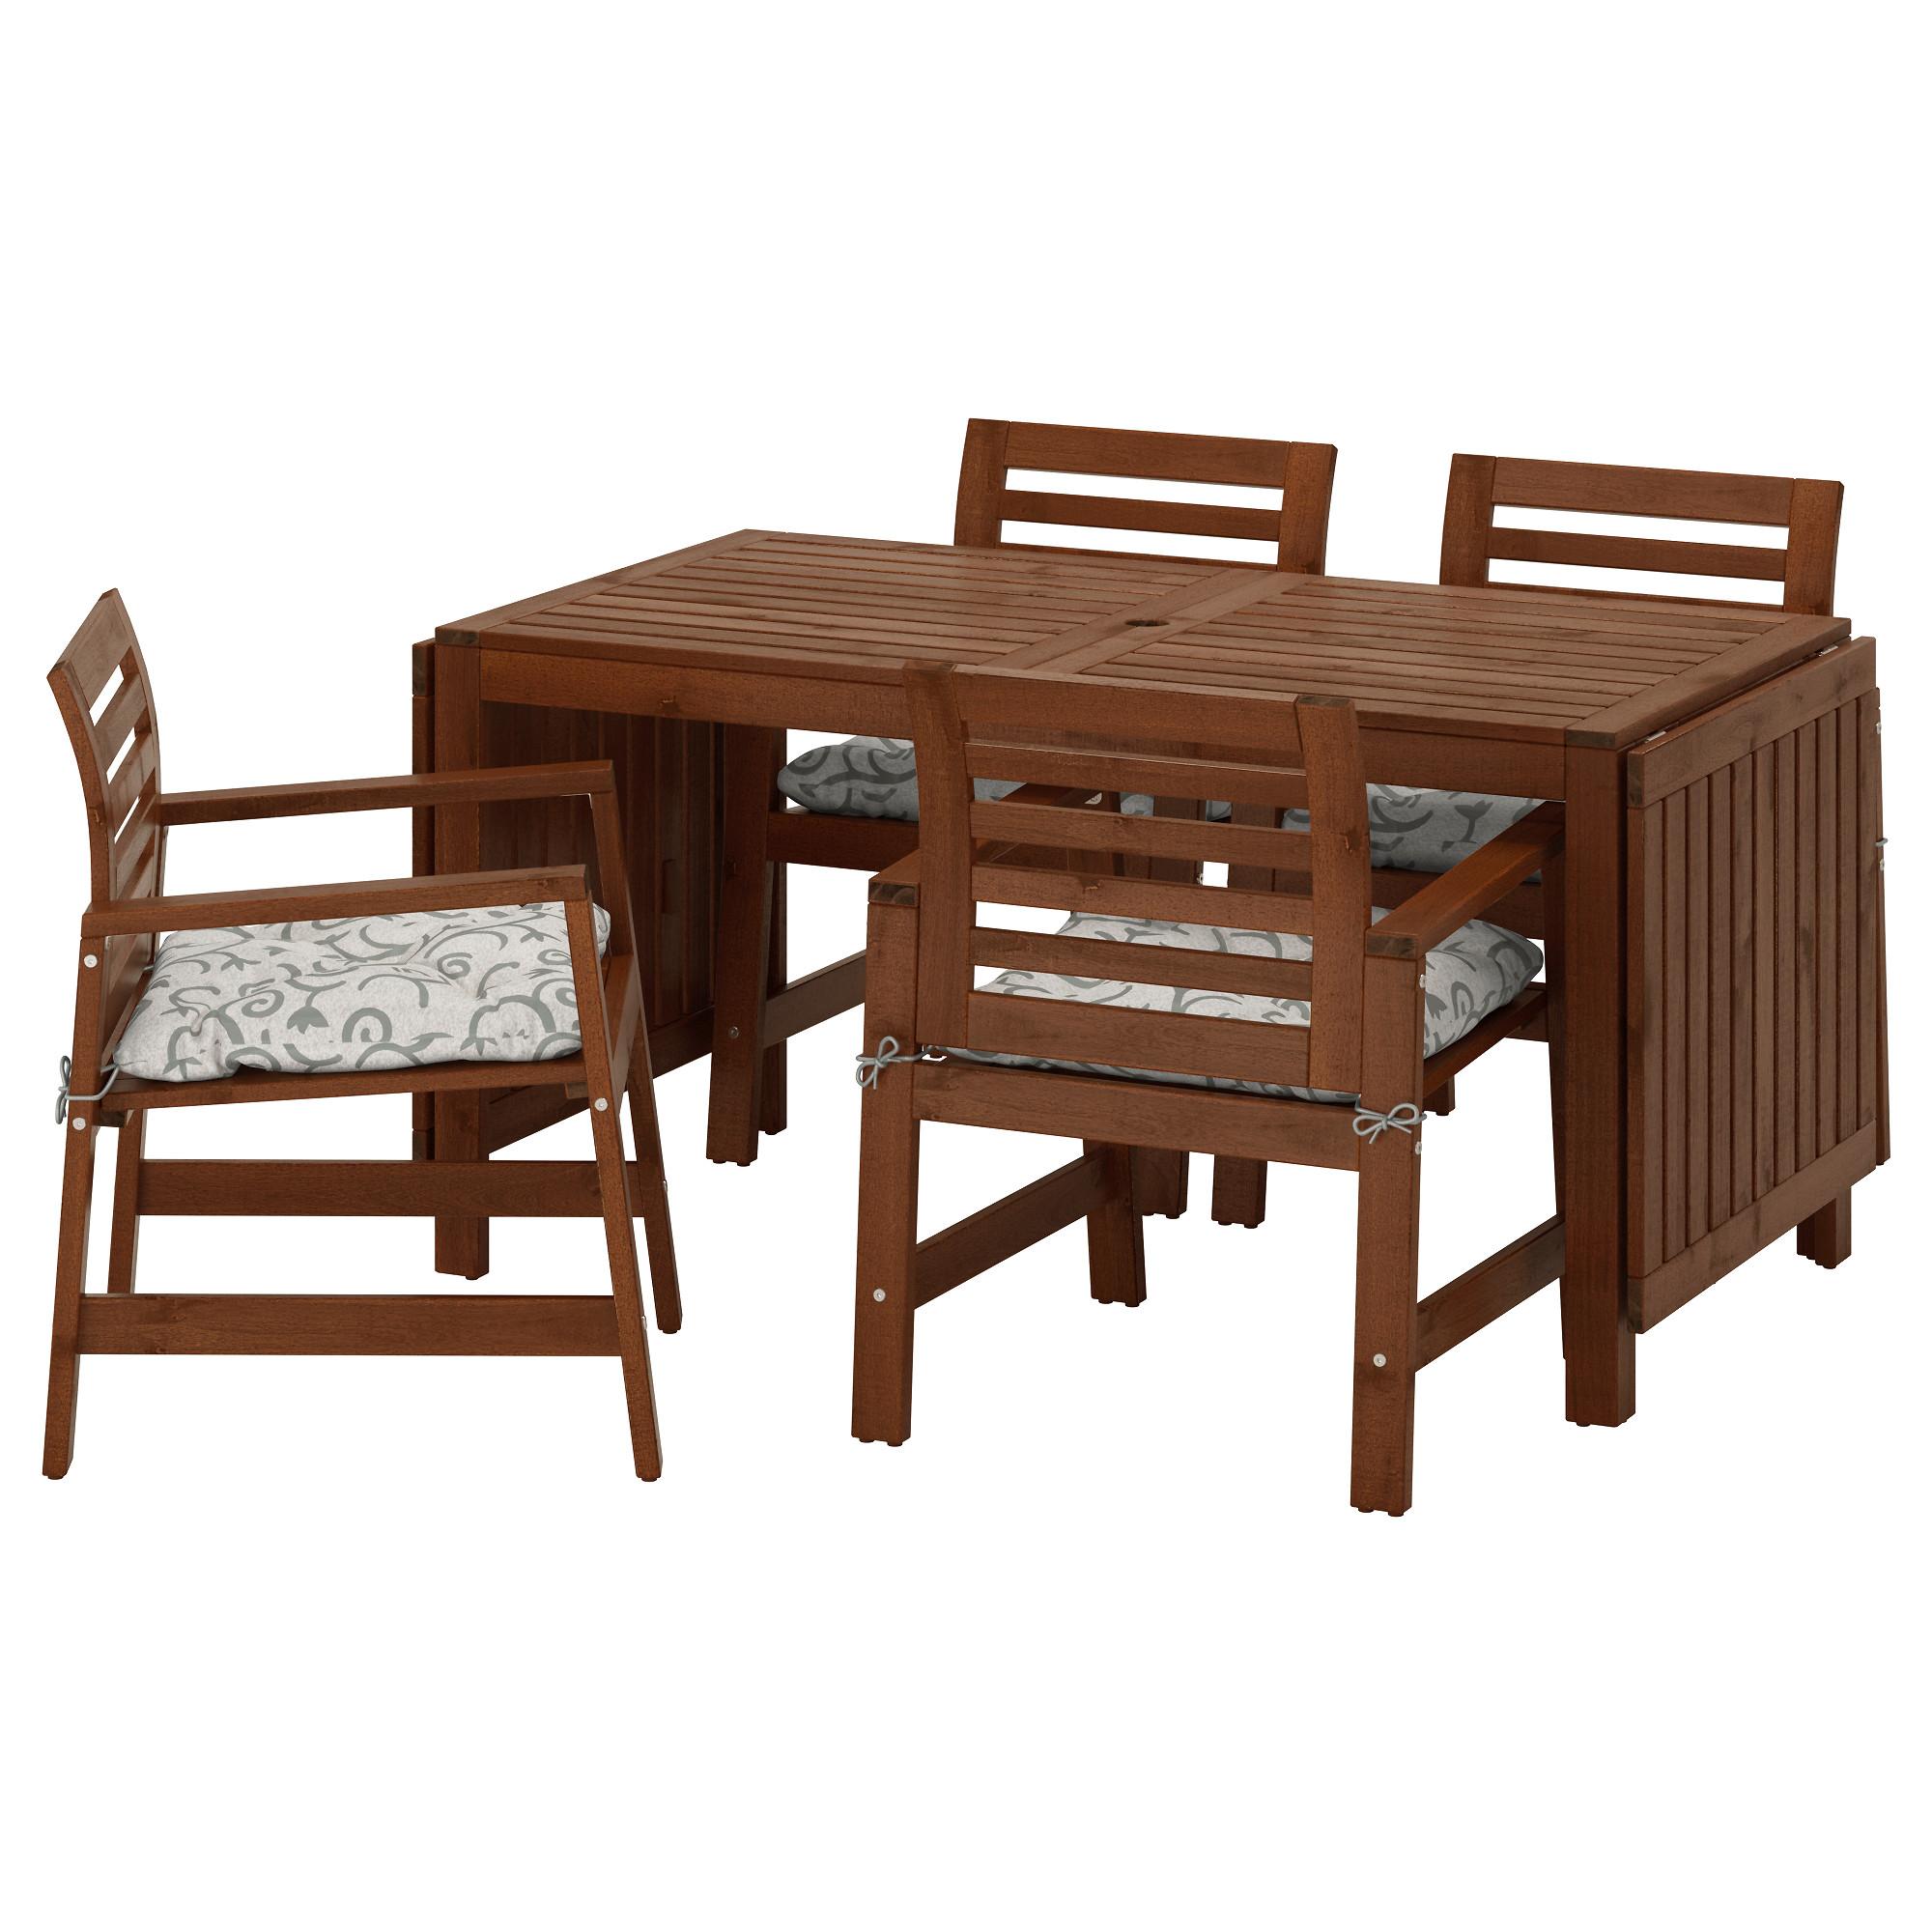 Ikea gartenmöbel äpplarö  ÄPPLARÖ, Tisch+4 Armlehnstühle/außen, braun las., beige Jetzt ...